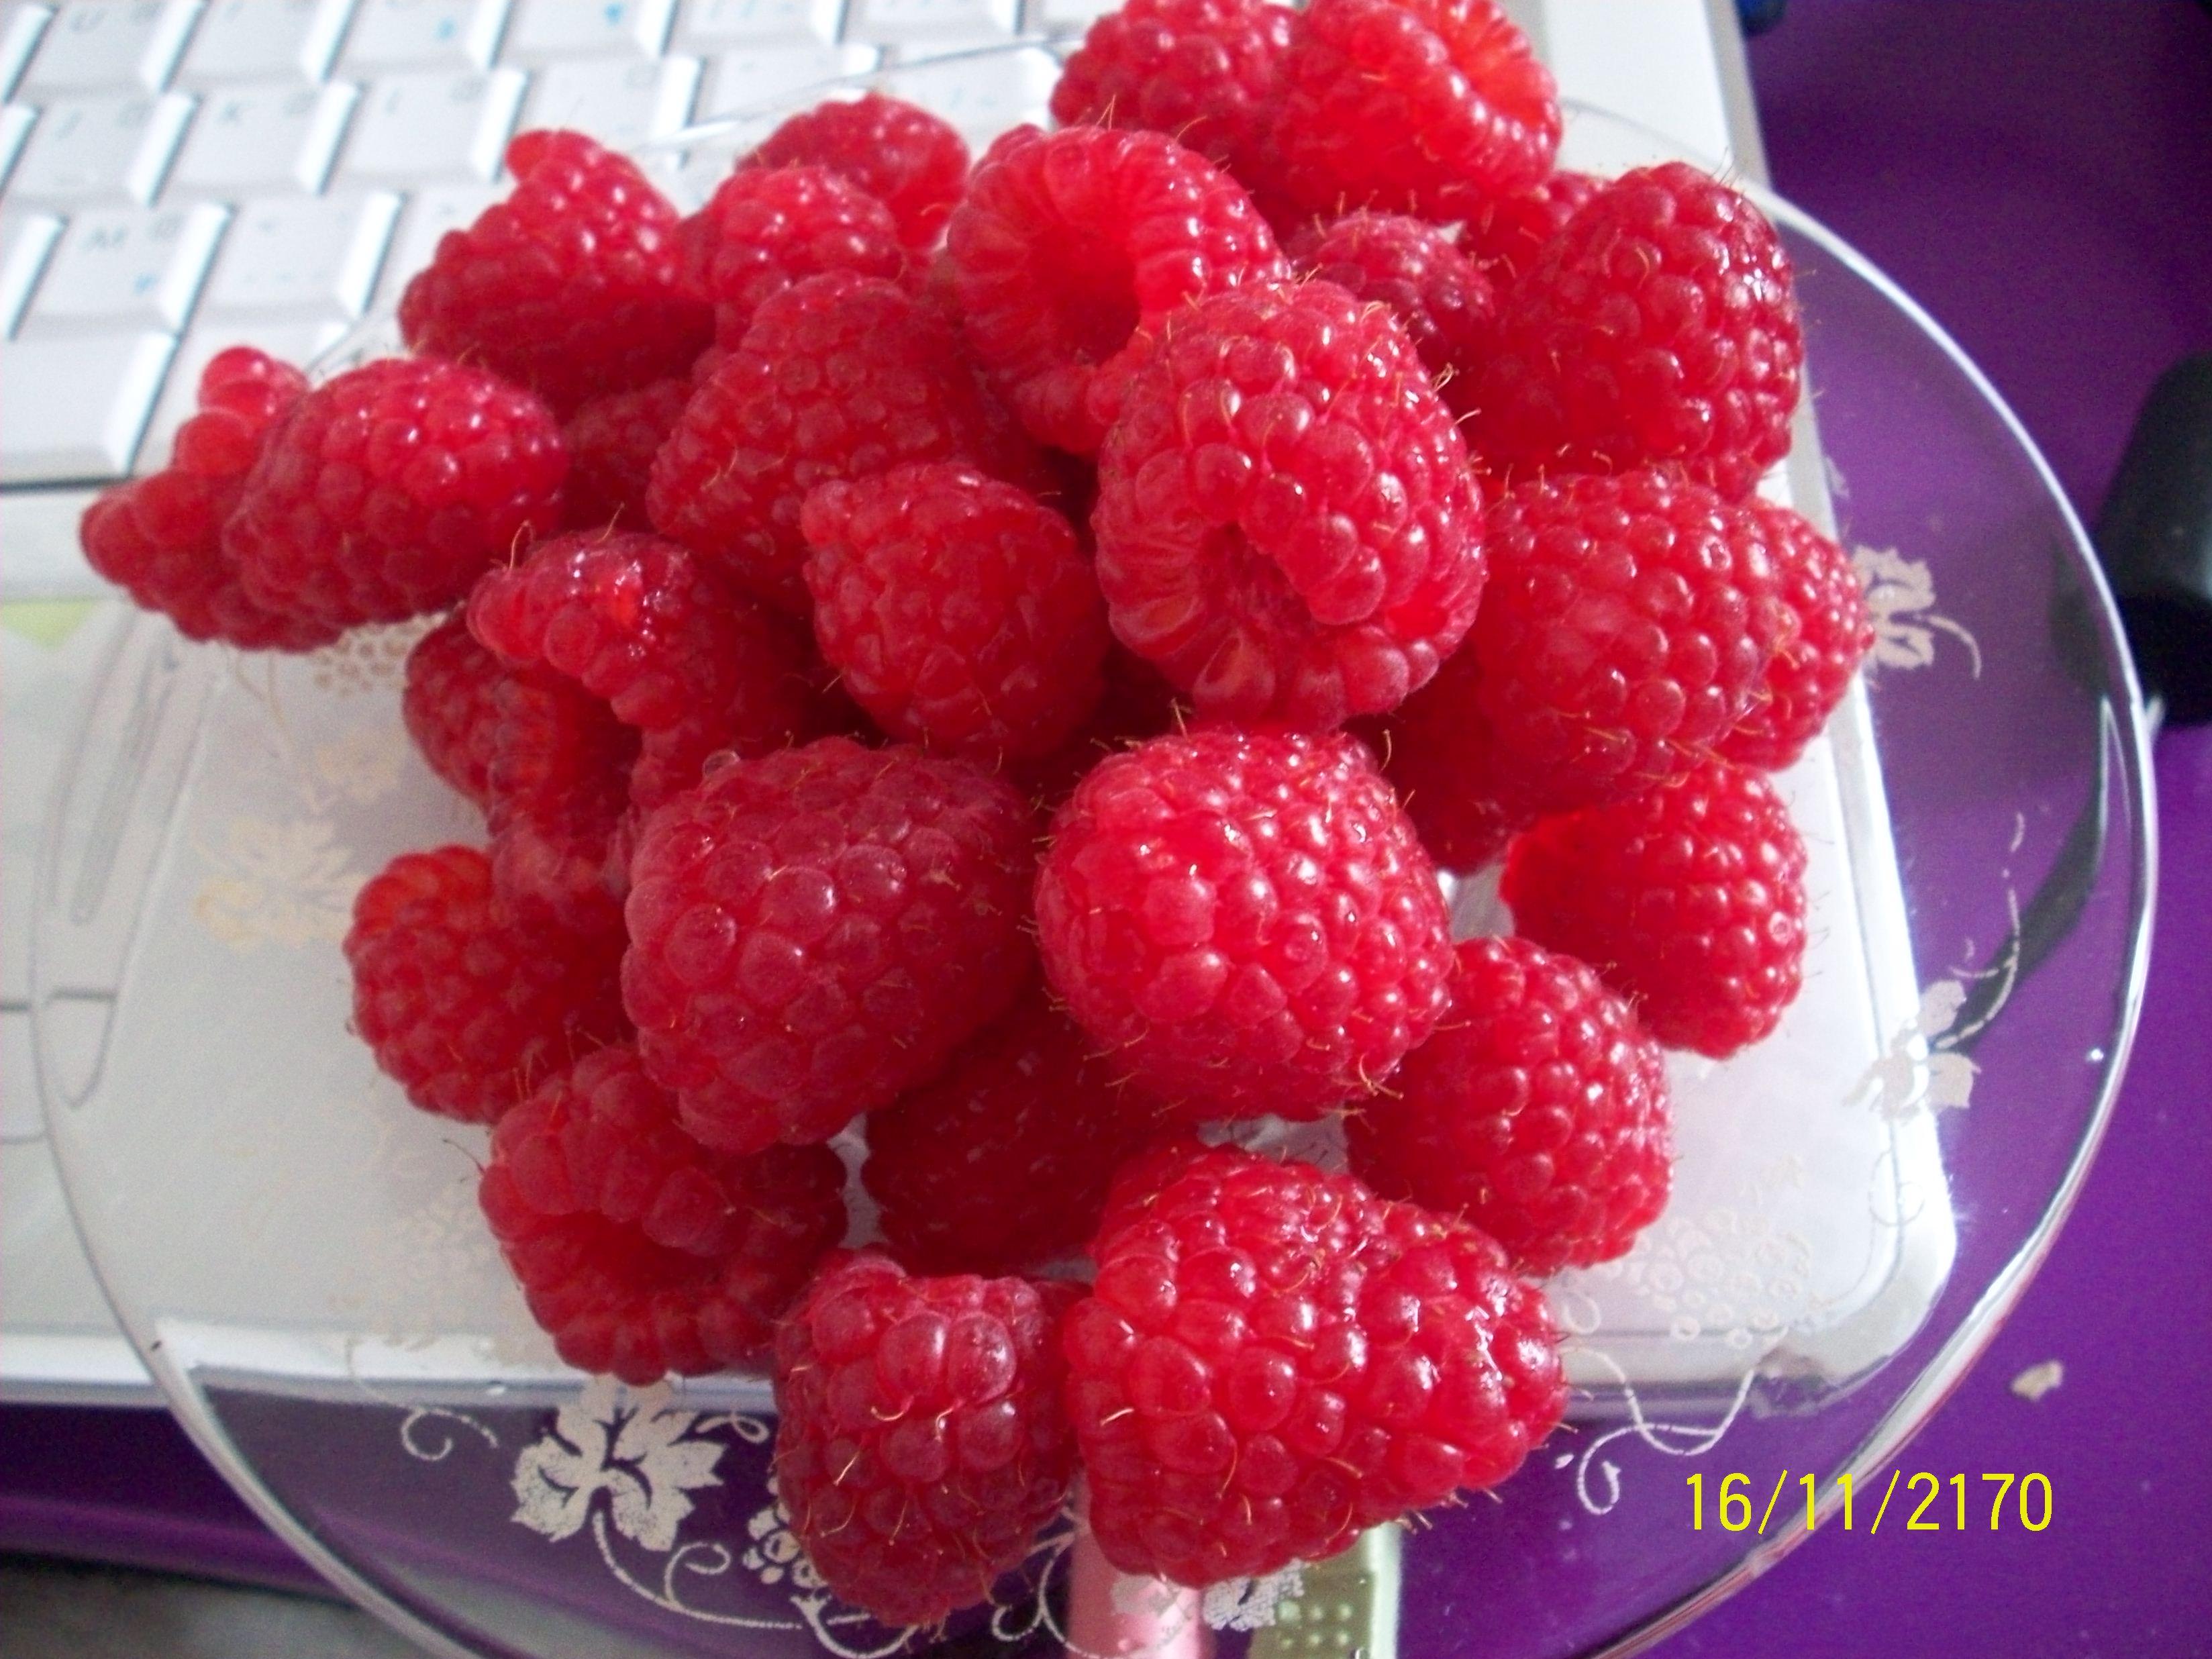 http://foodloader.net/cutie_2010-03-29_Raspberries.jpg